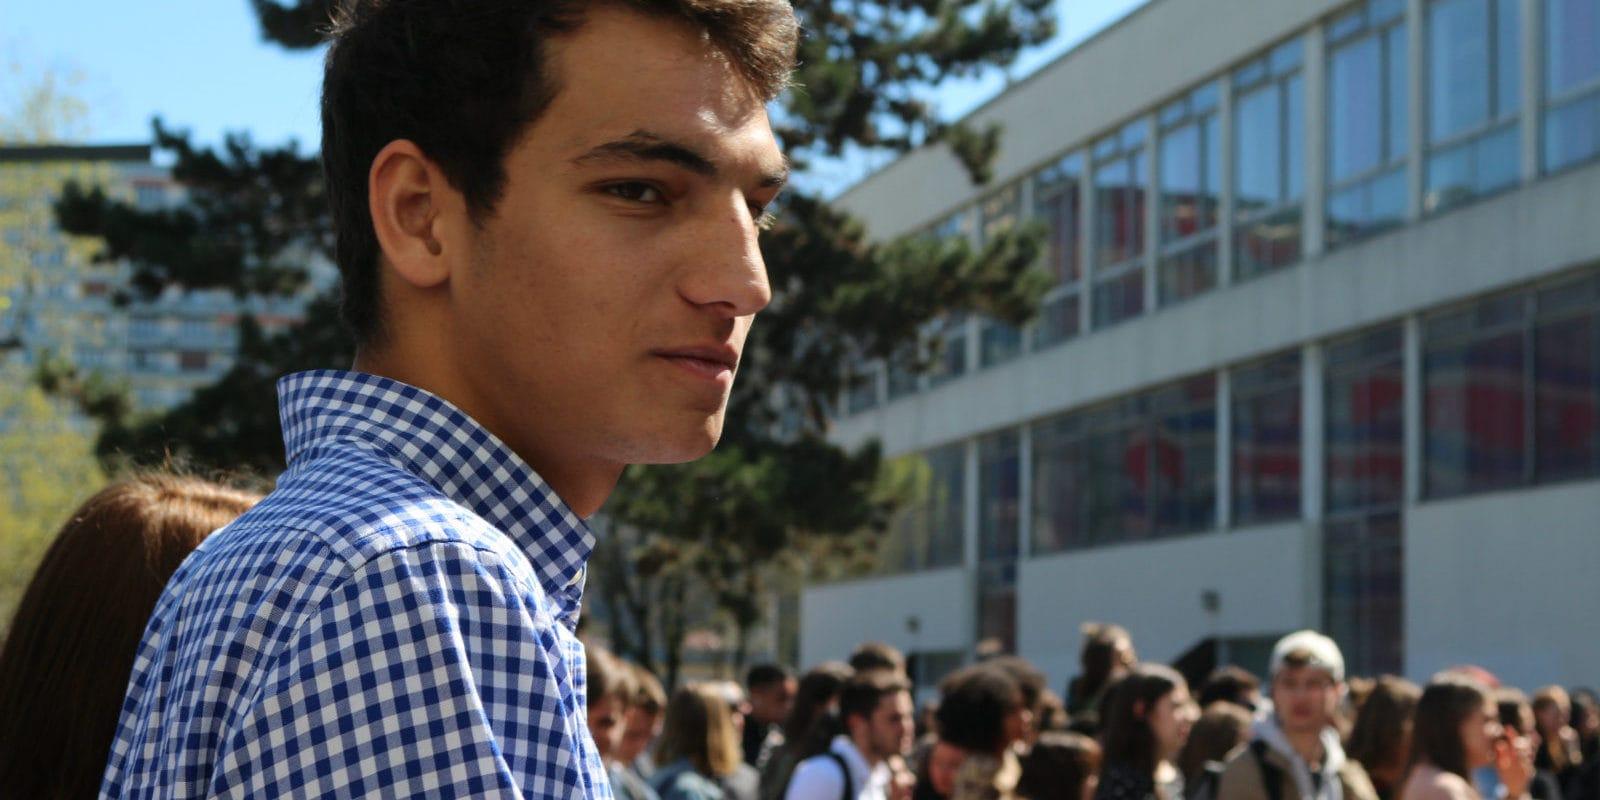 Comment les étudiants de droite, d'En Marche et inquiets ont obtenu la levée des blocages